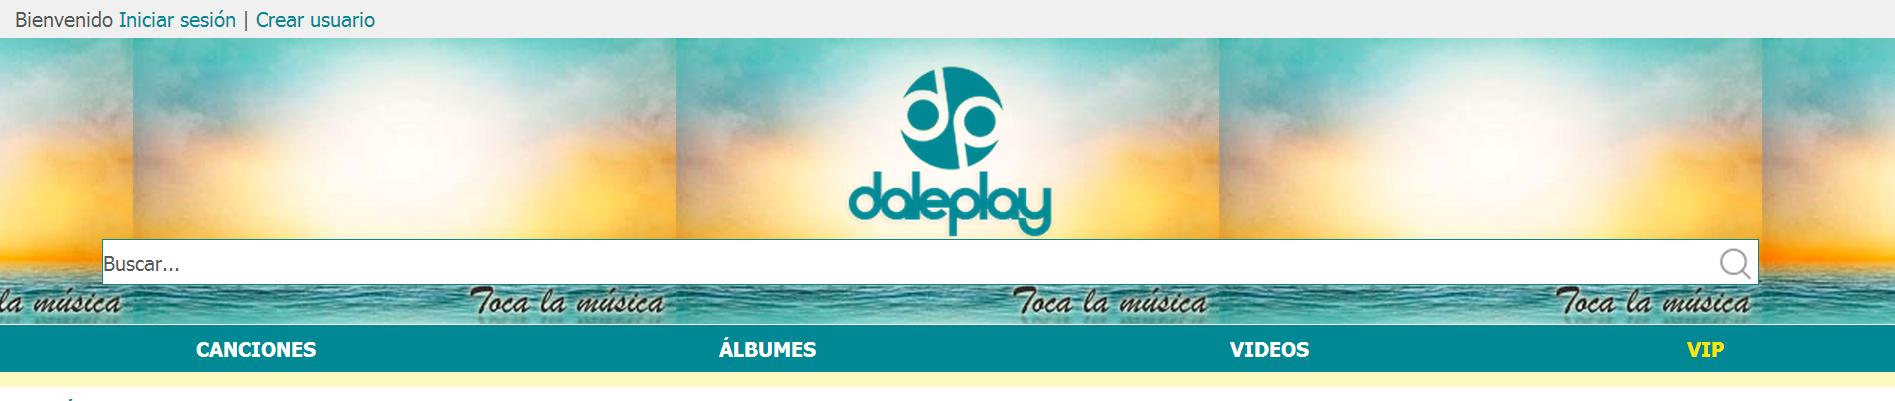 Daleplay_20150122175558